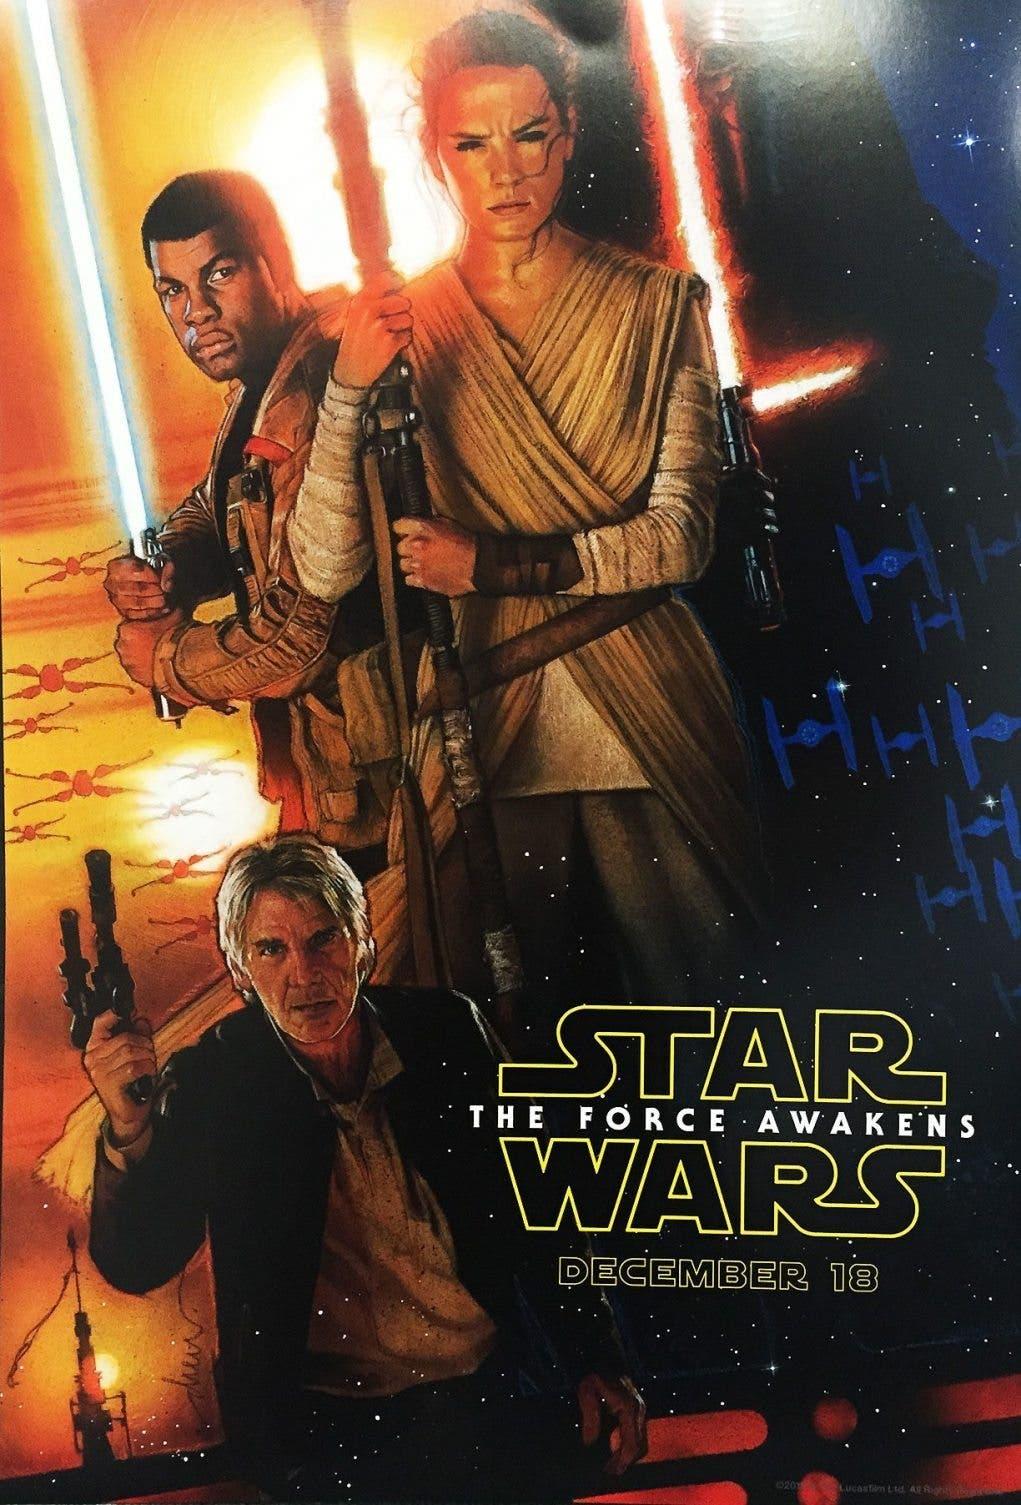 Póster de Drew Struzan para Star Wars El despertar de la fuerza